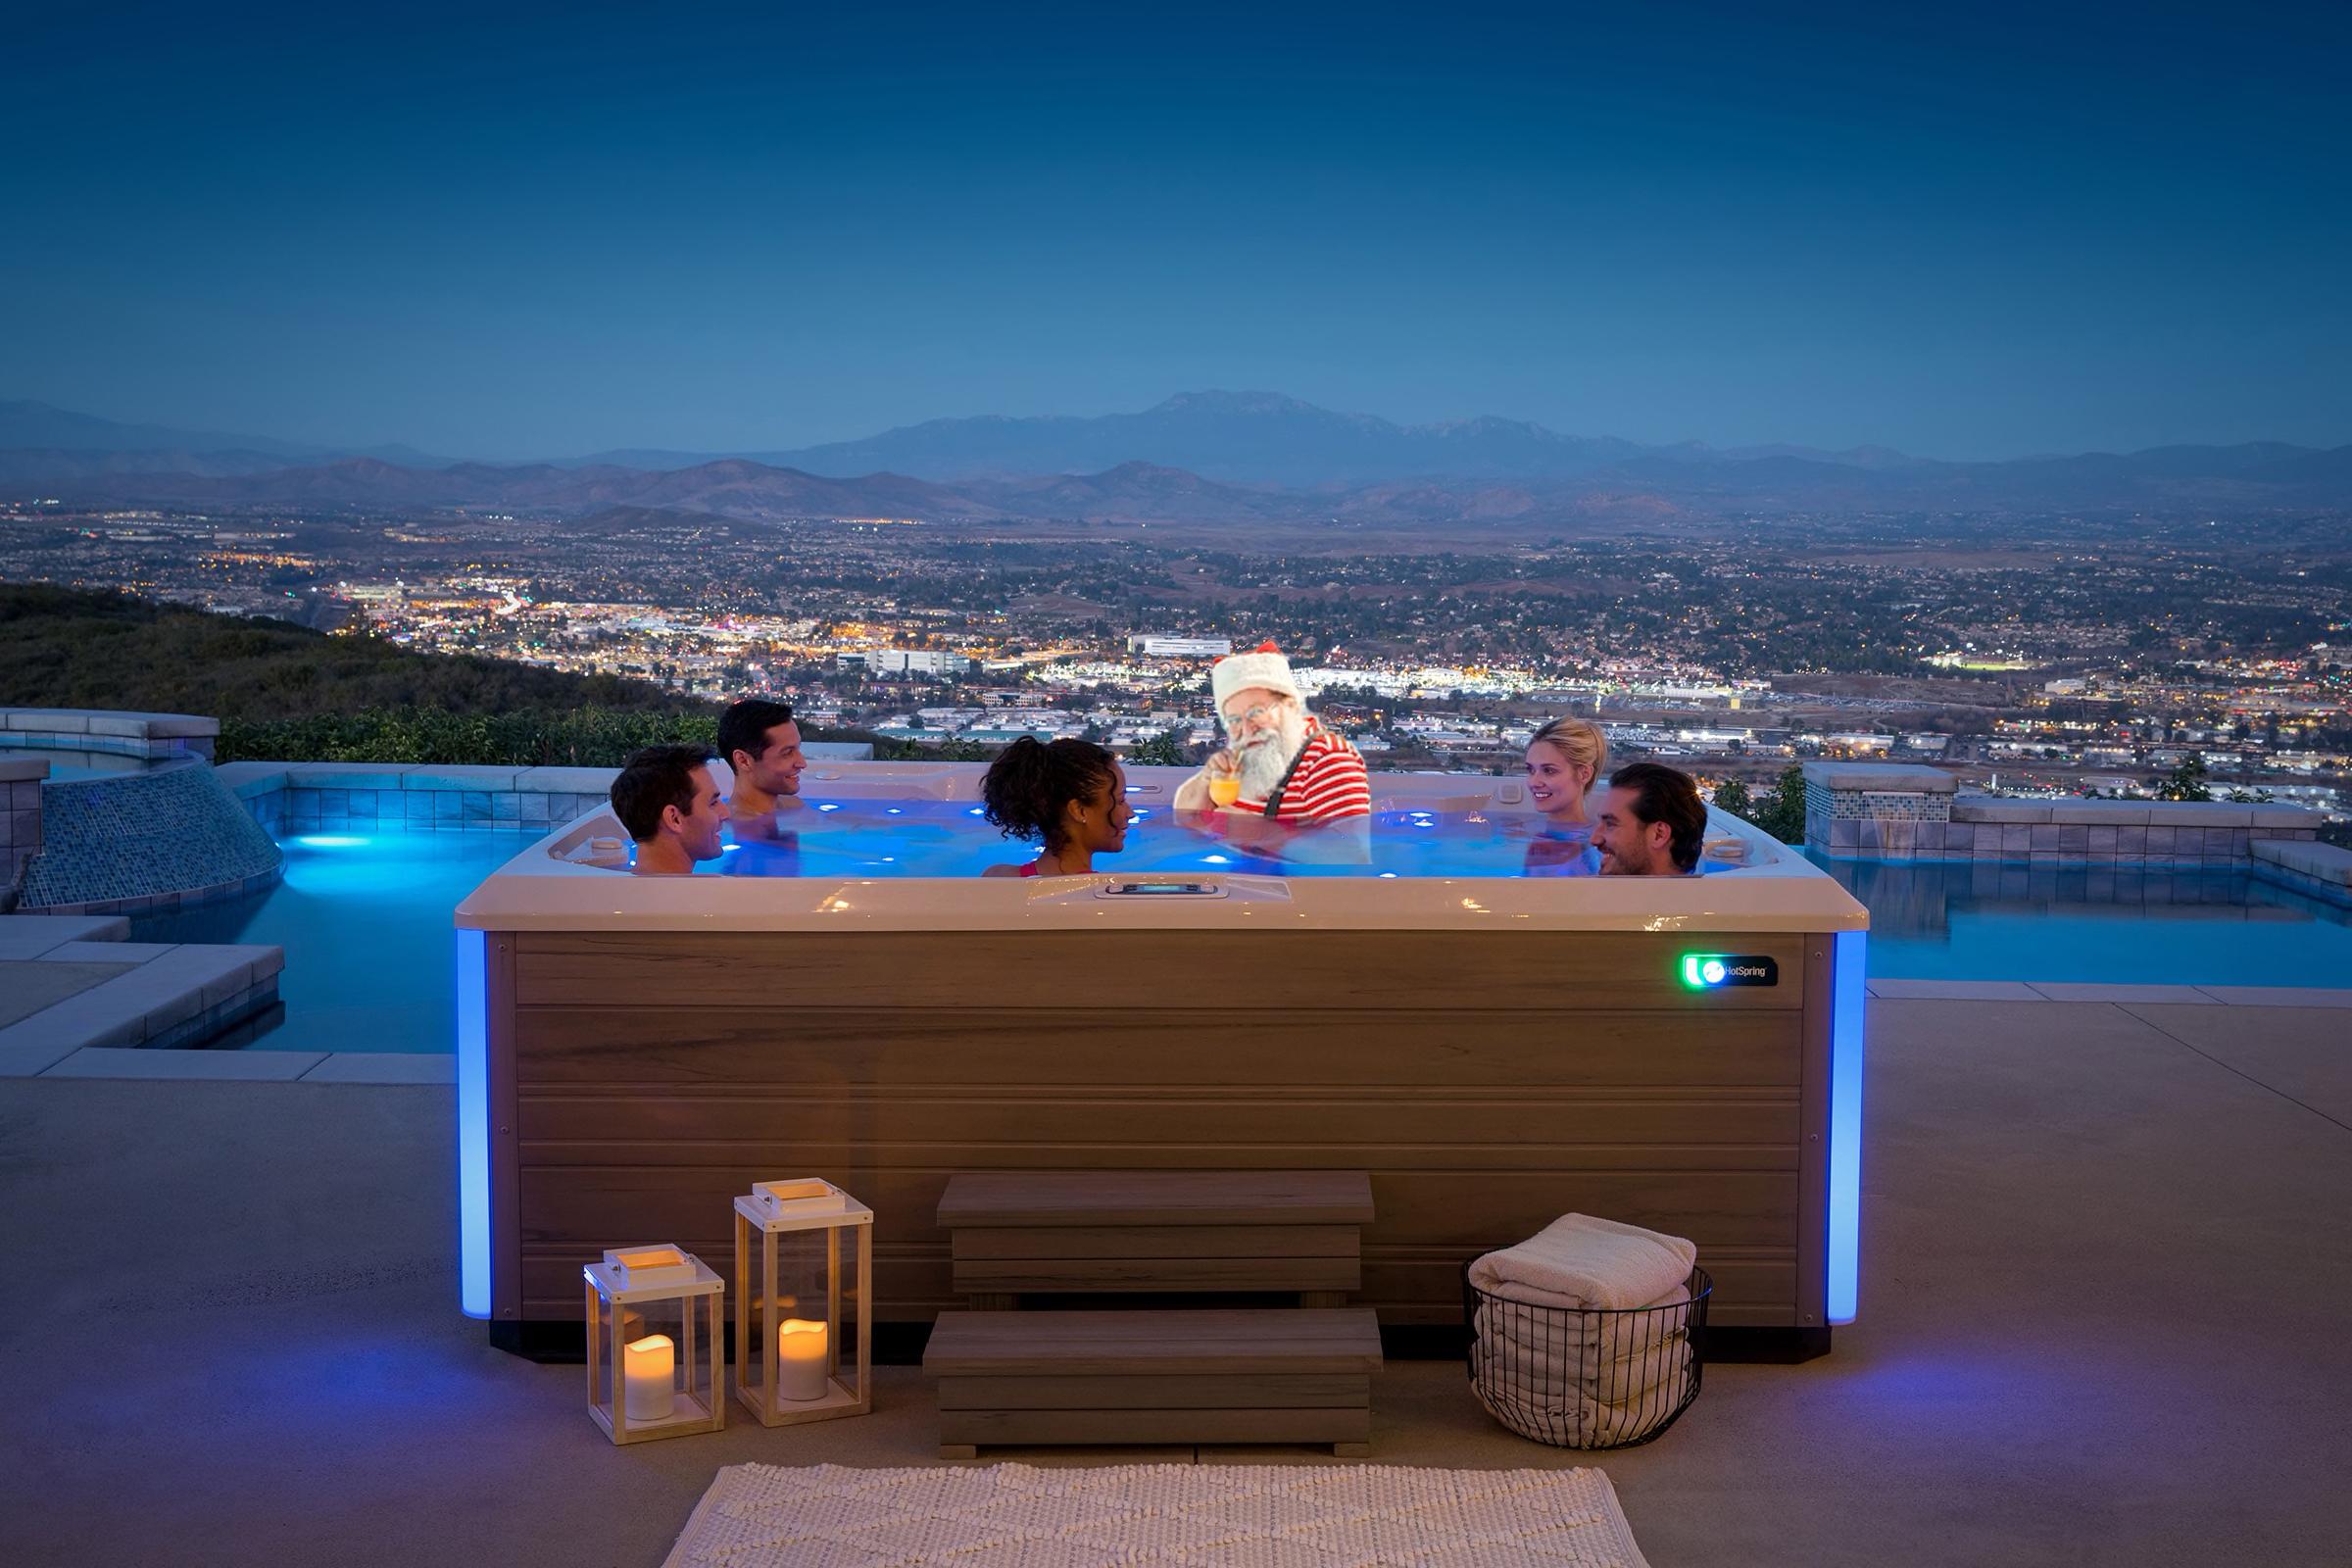 santa-spa-pool.jpg